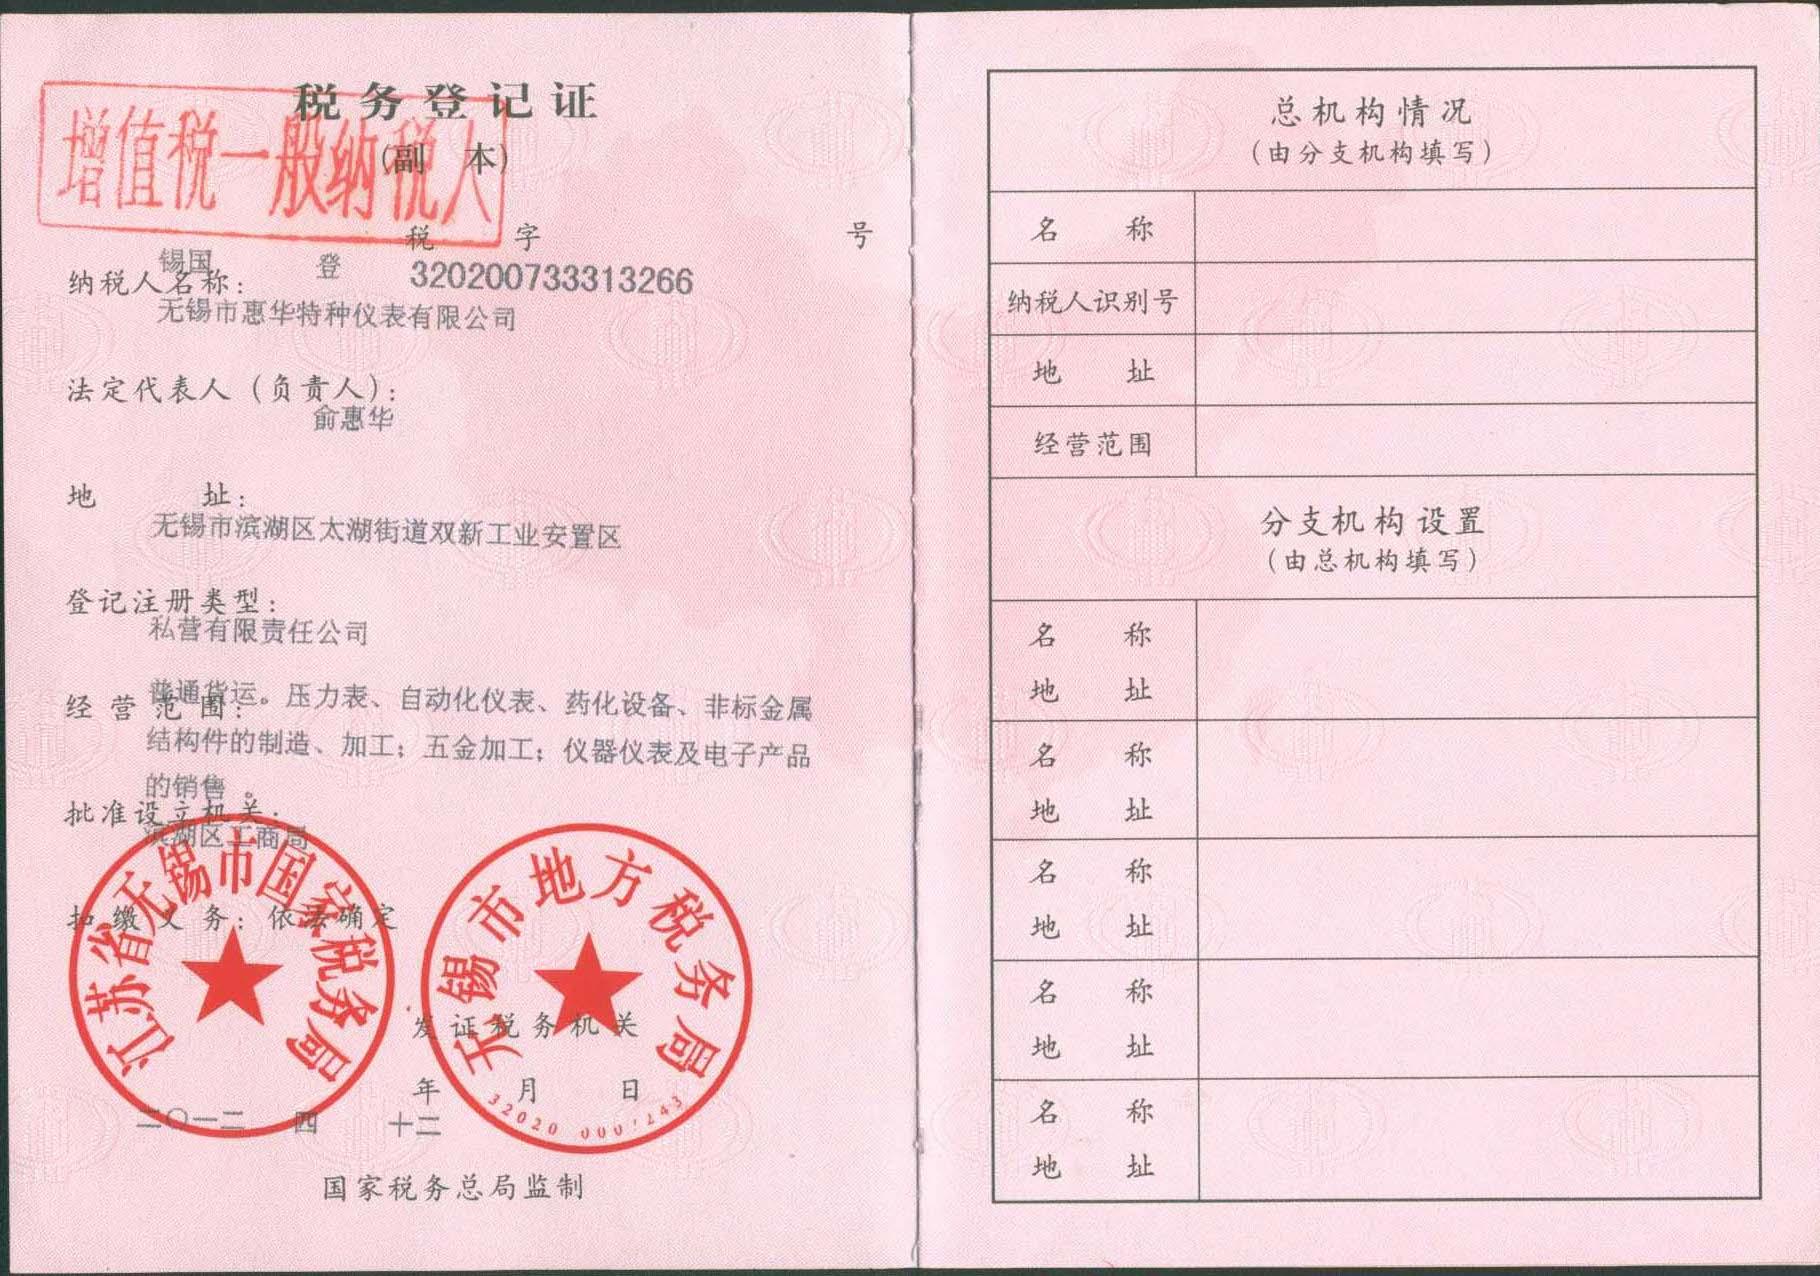 惠华税务登记证